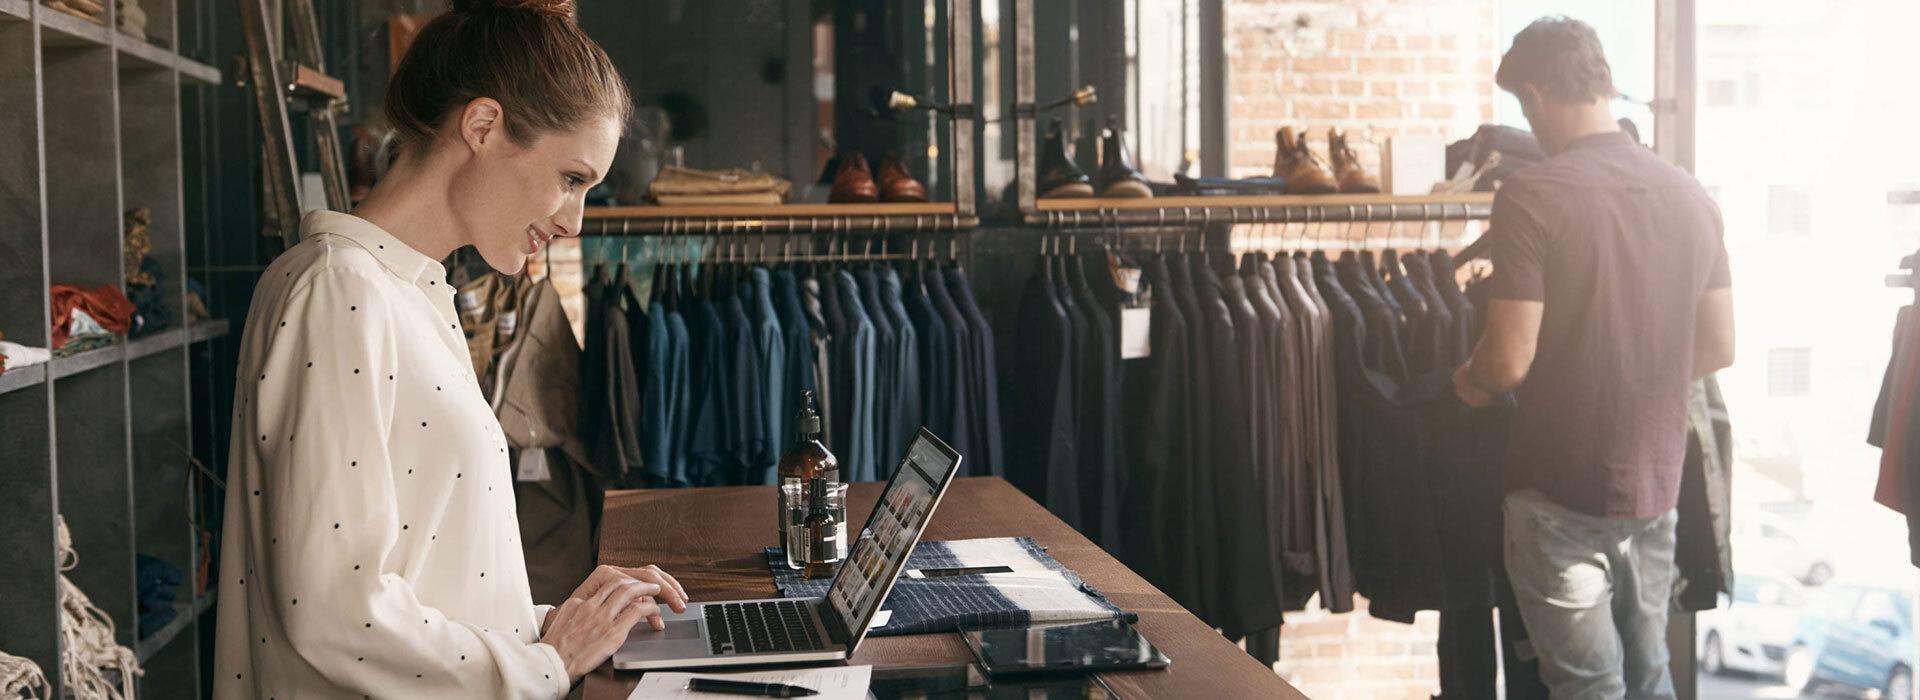 Chica contenta mientras gestiona la subvención para su tienda online